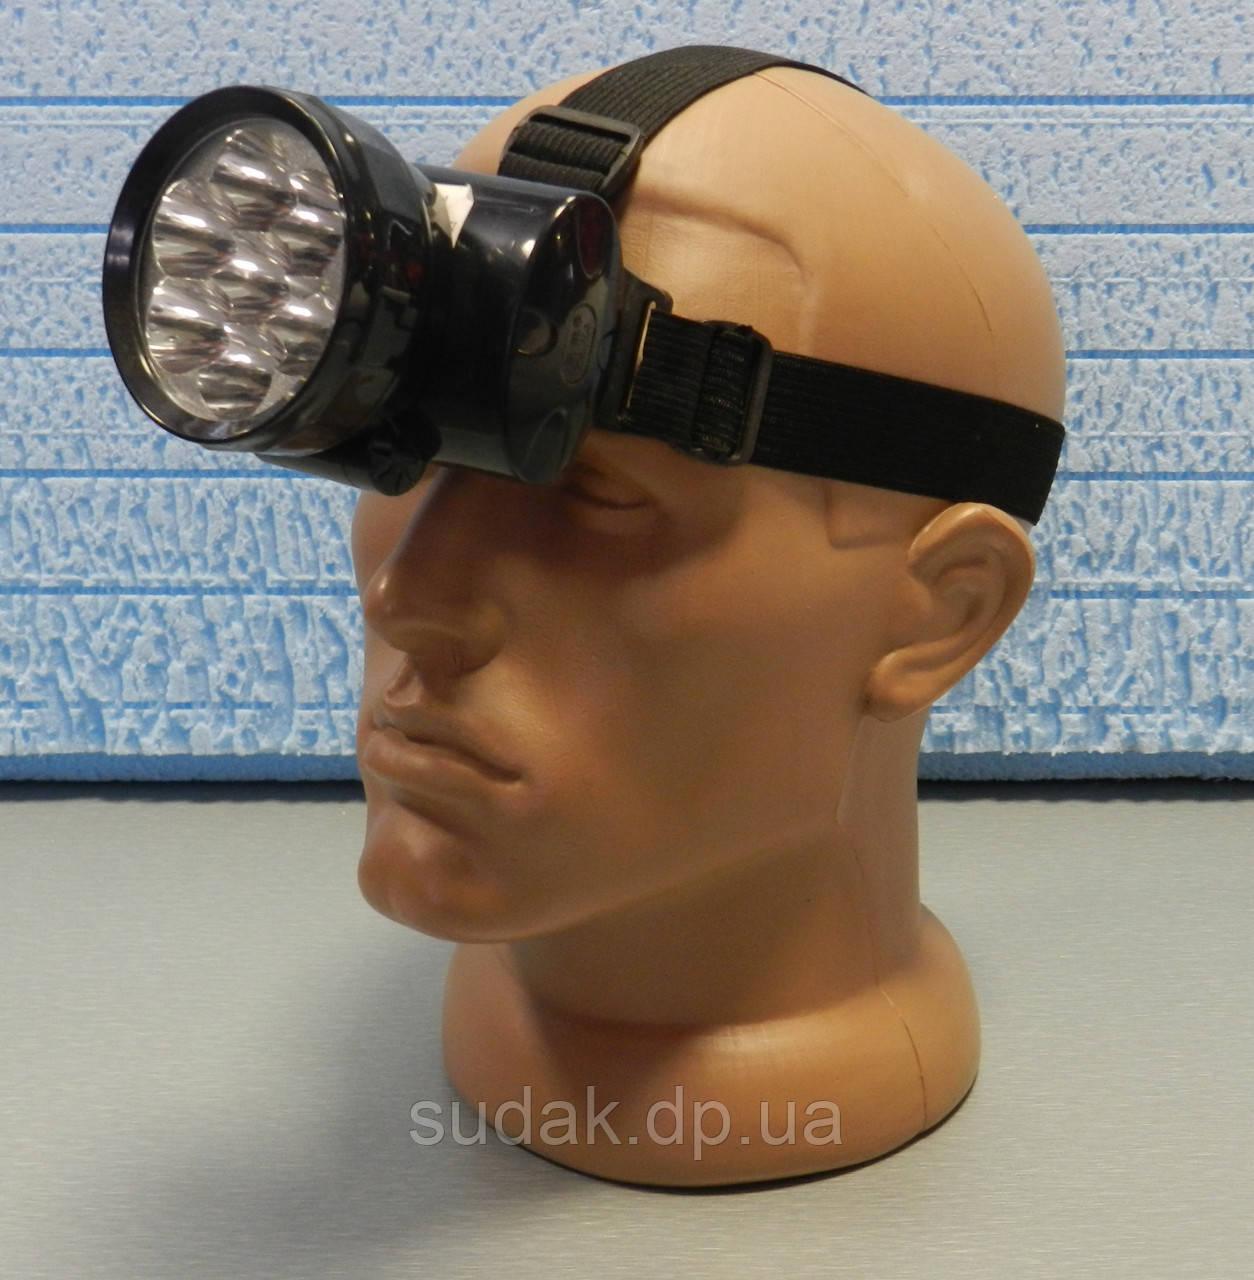 Фонарь аккумуляторный головной  светодиодный 7 LED YJ-1858